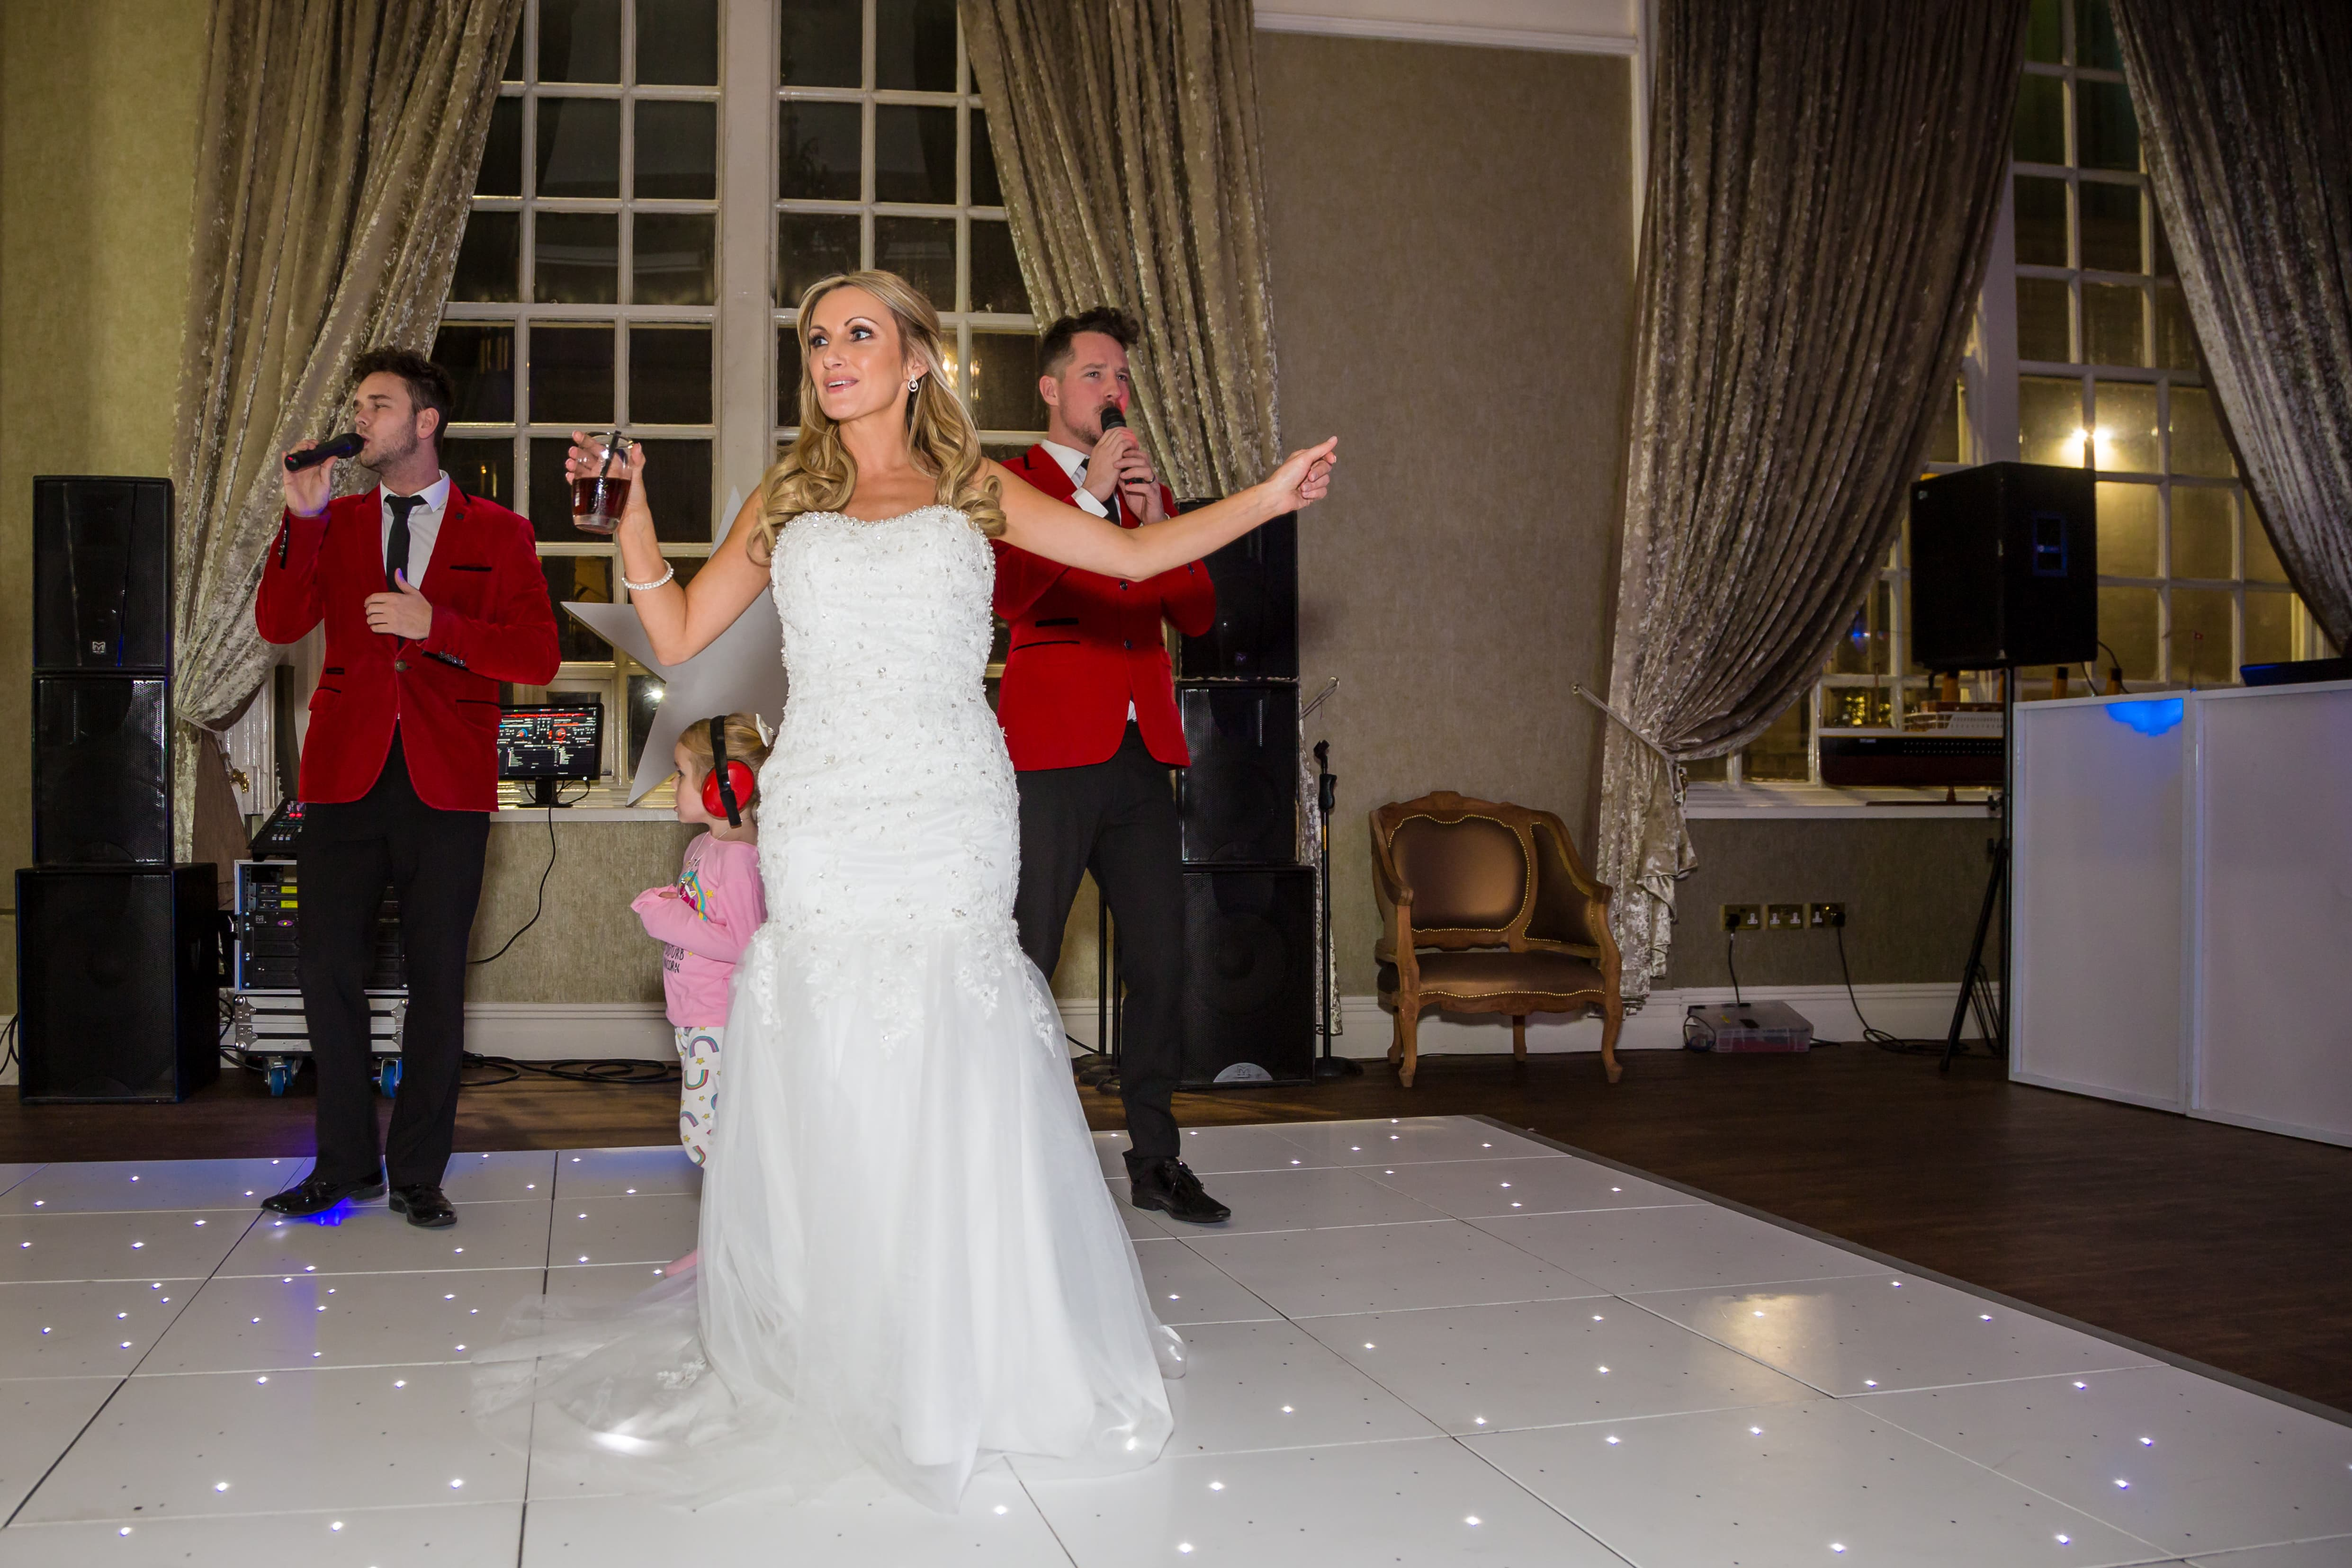 Singing Bride Dance Floor 30 james Street wedding